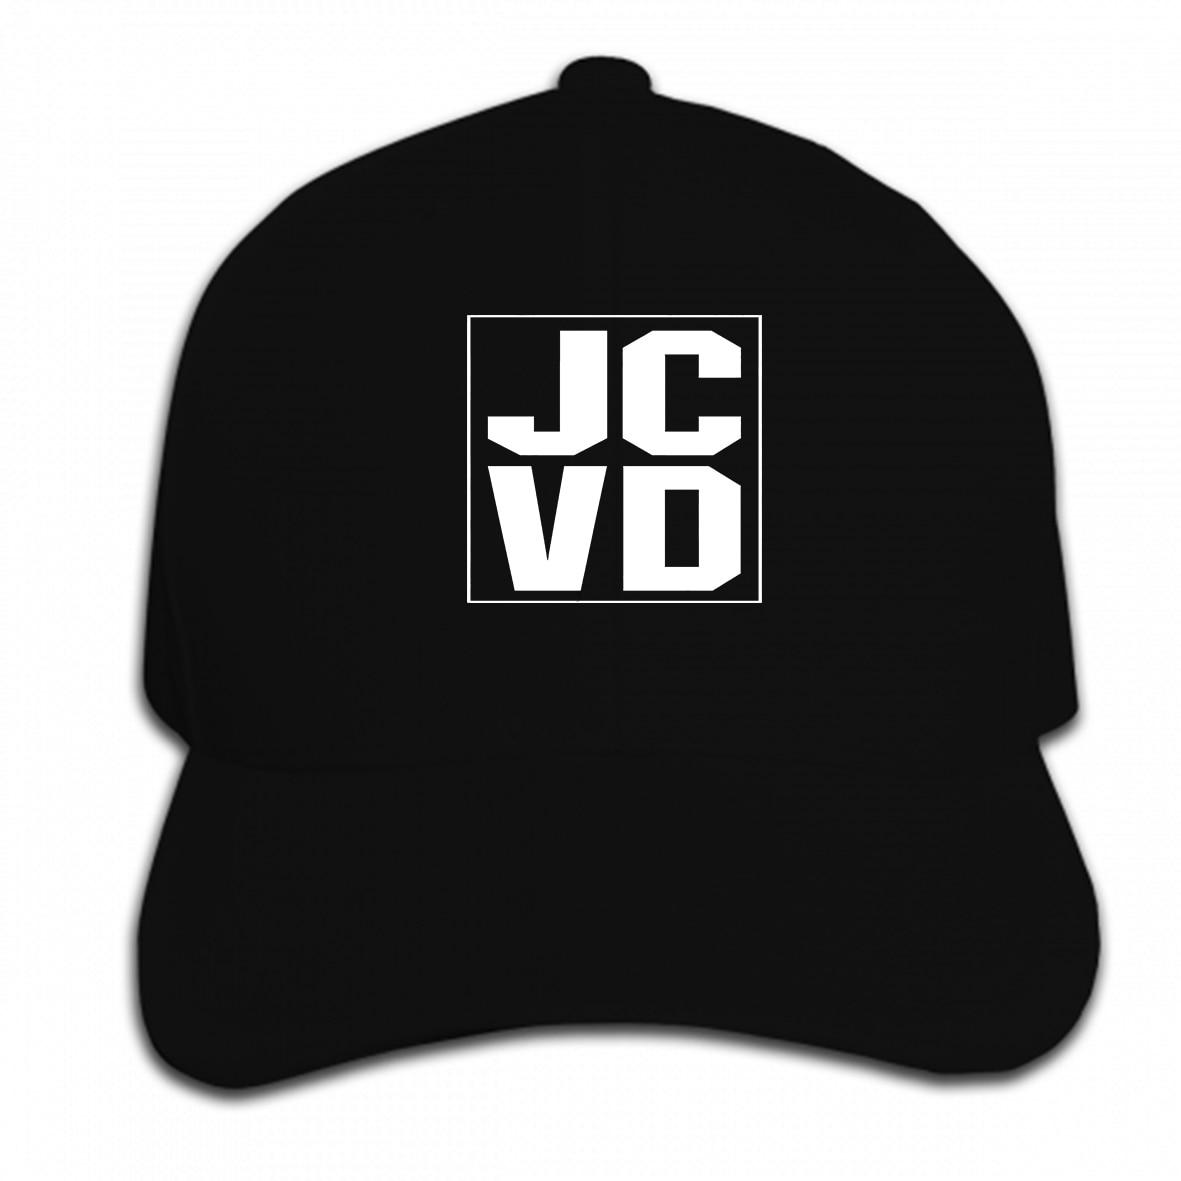 Print Custom Baseball Cap  JCVD  Hat Peaked Cap